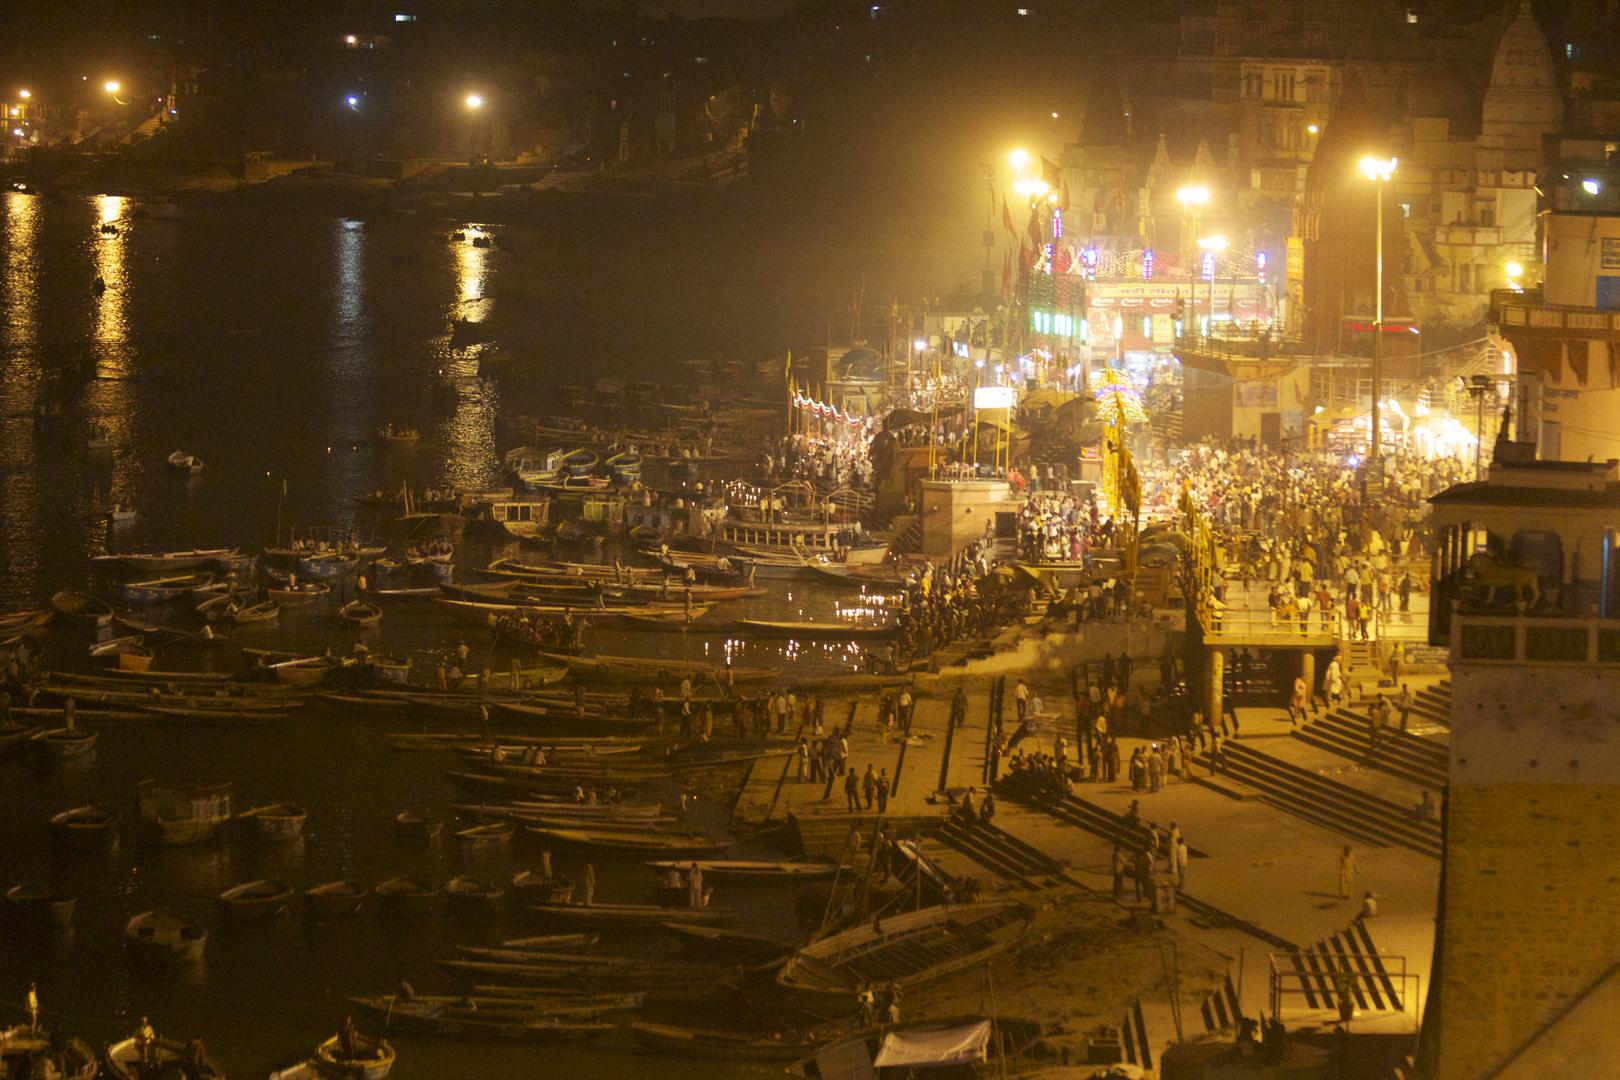 Varanasi main ghat